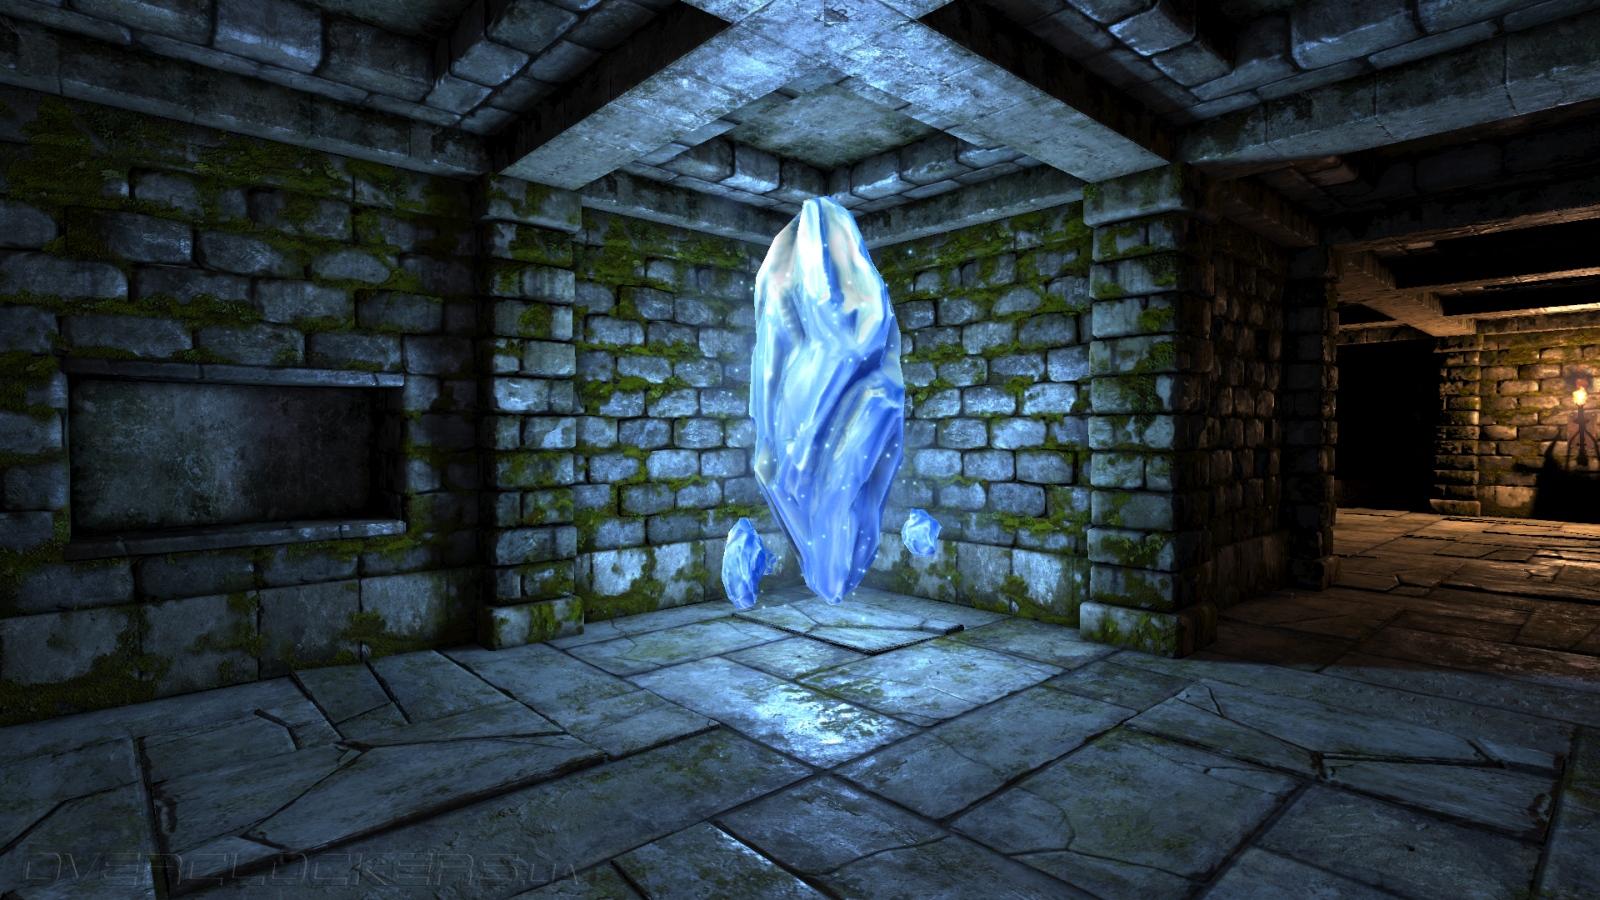 мне, картинка вход в подземелье бекмамбетов снимает